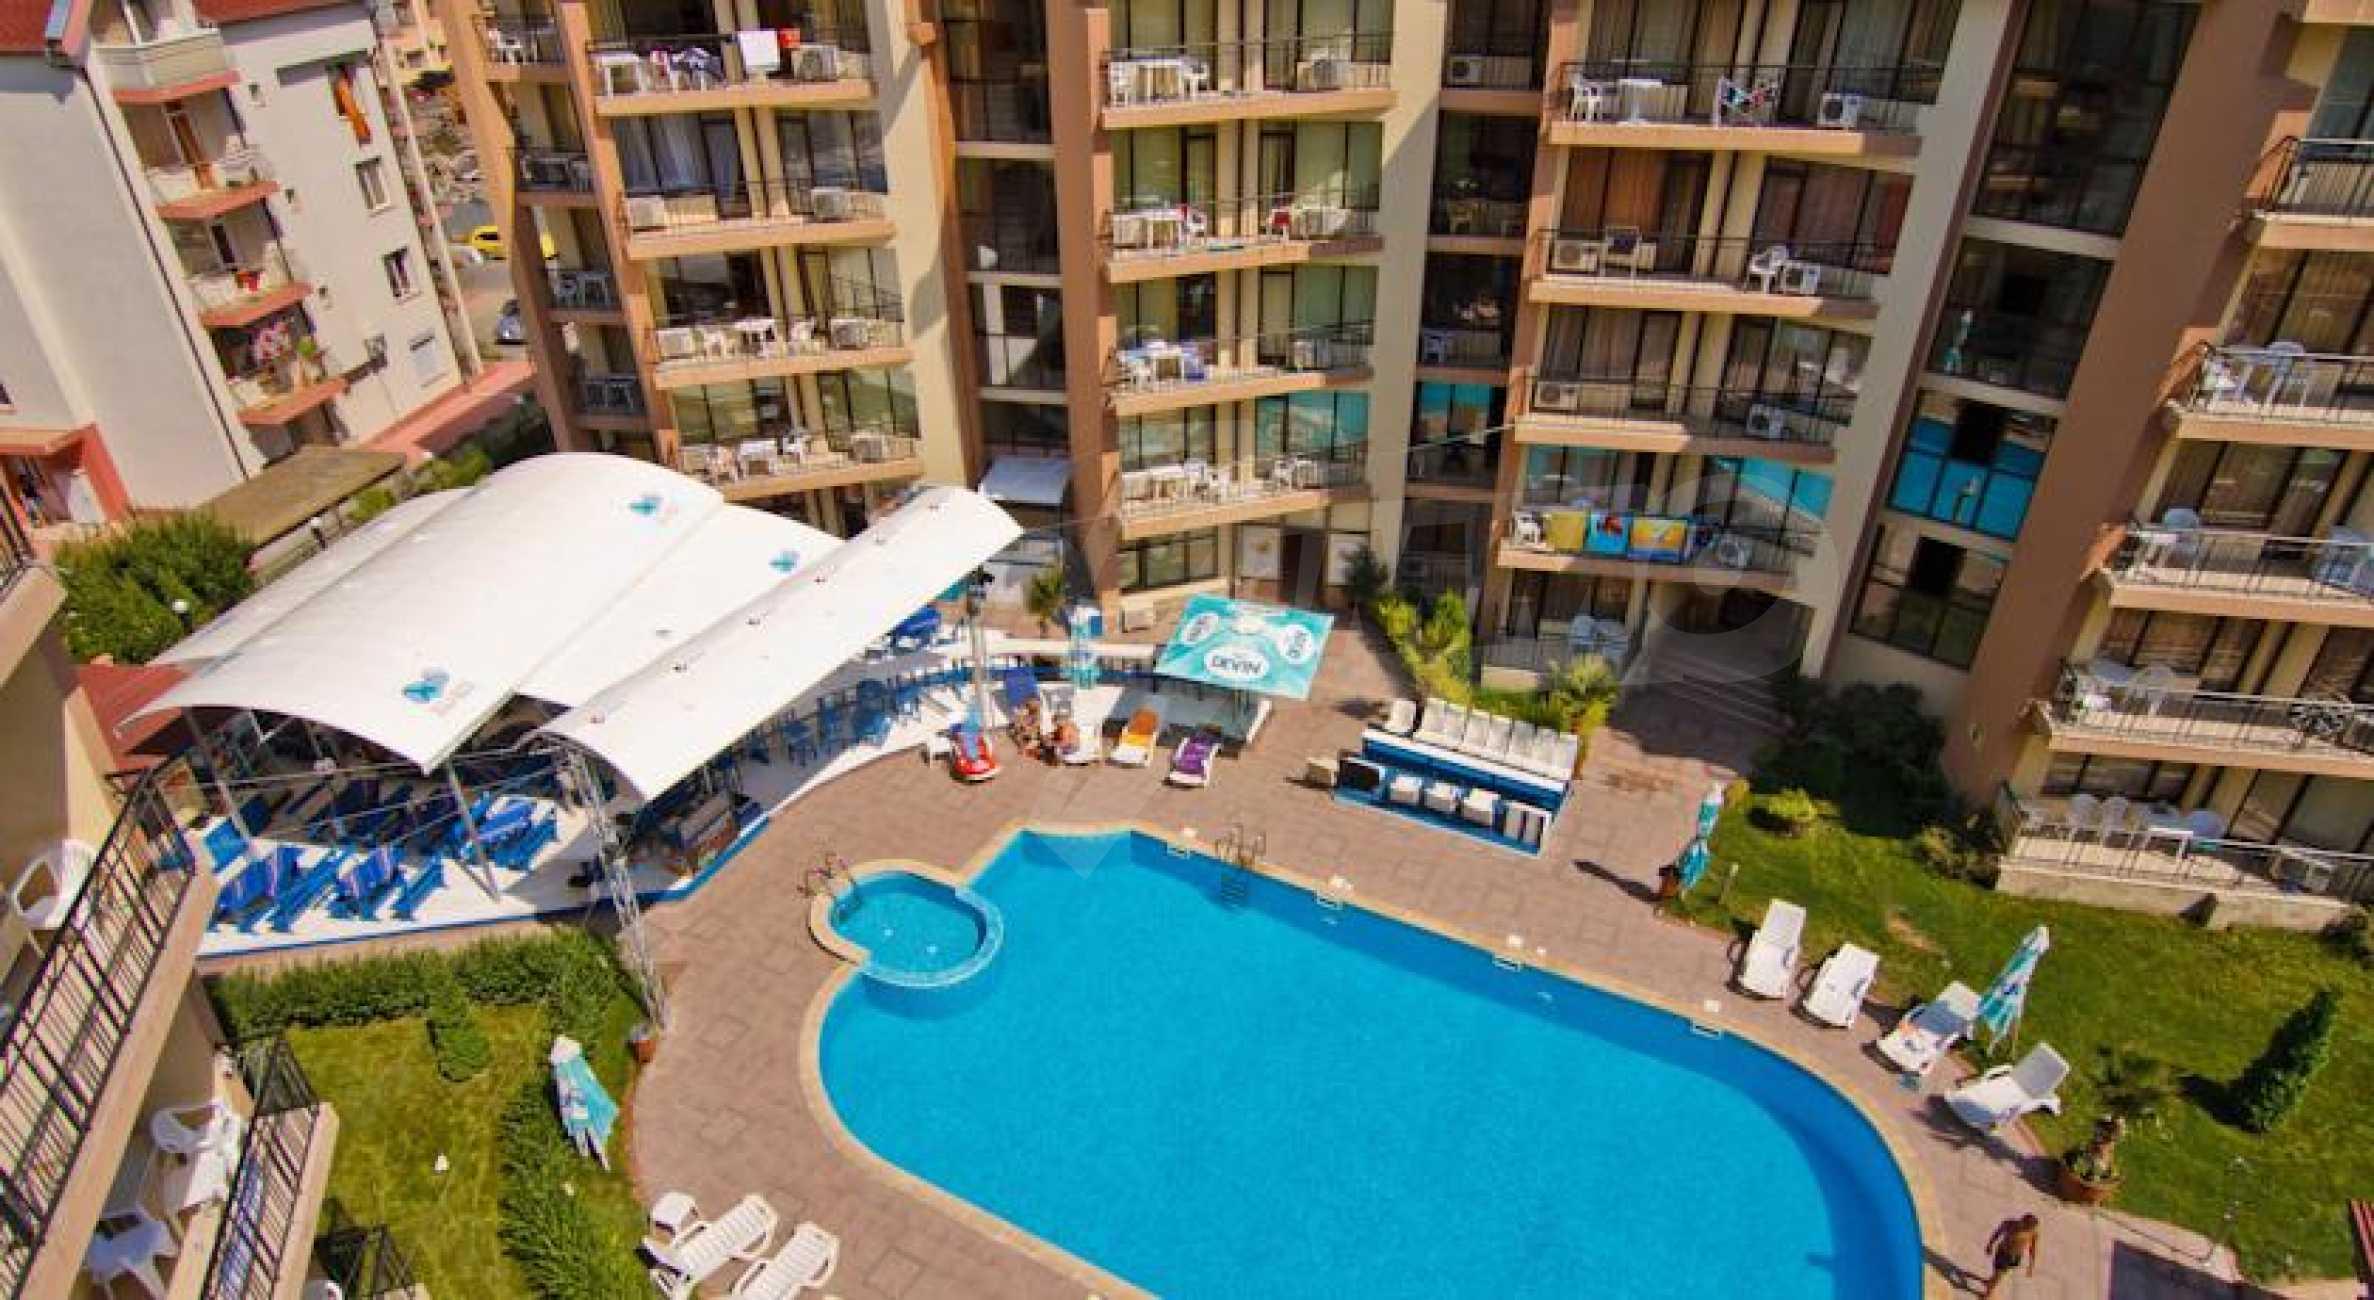 2-Raum-Apartment zu einem sehr günstigen Preis im Zentrum vom Sonnenstrand 13